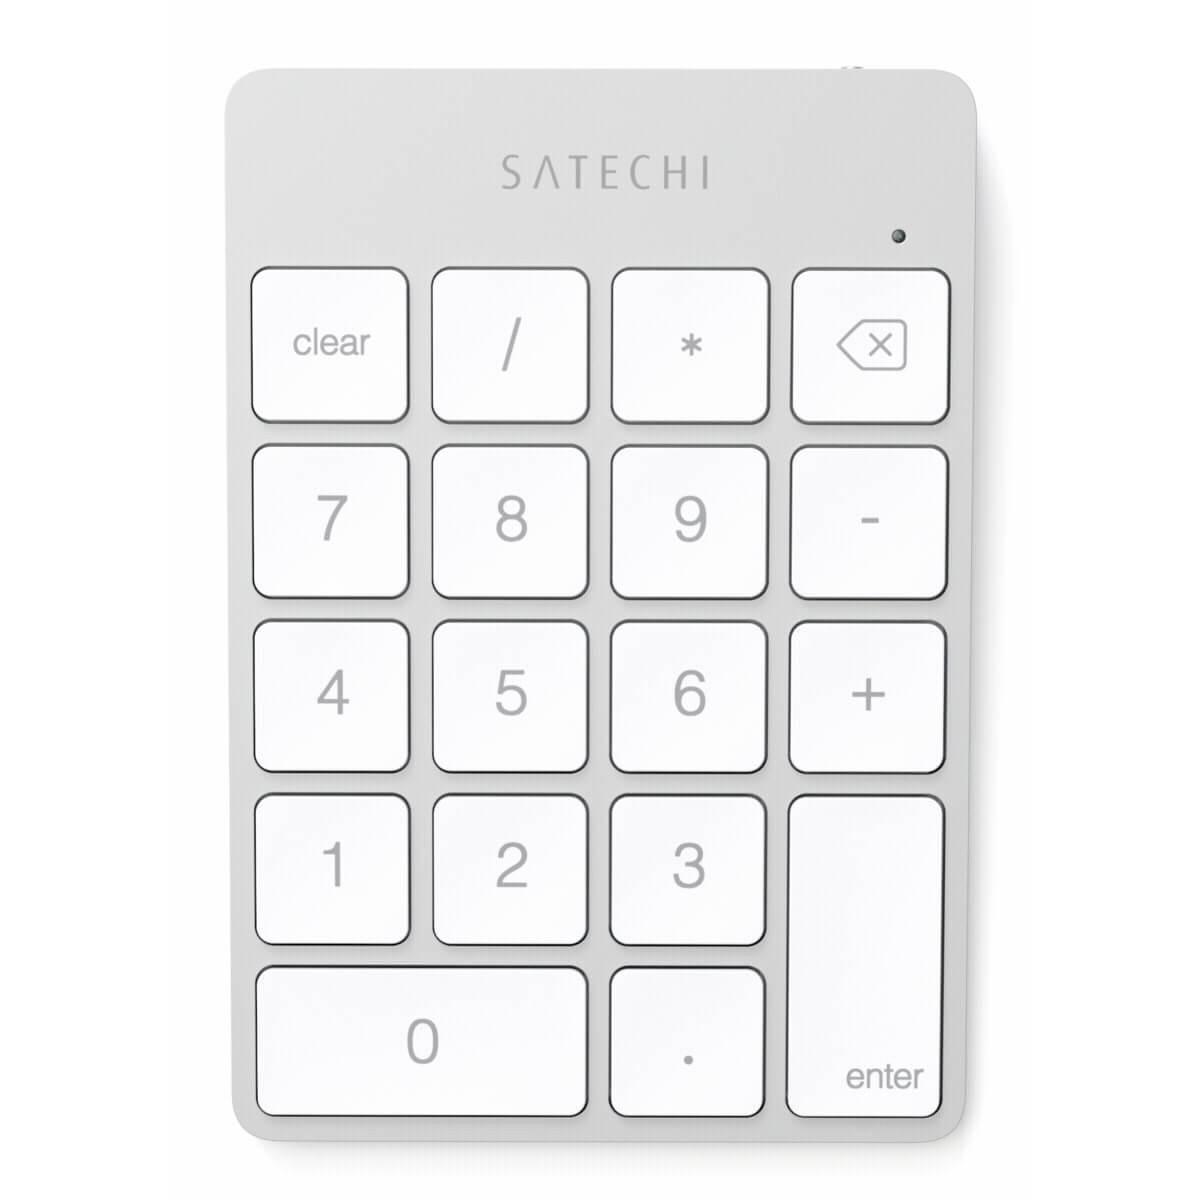 Satechi Clavier Numérique Sans Fil Bluetooth - Argent